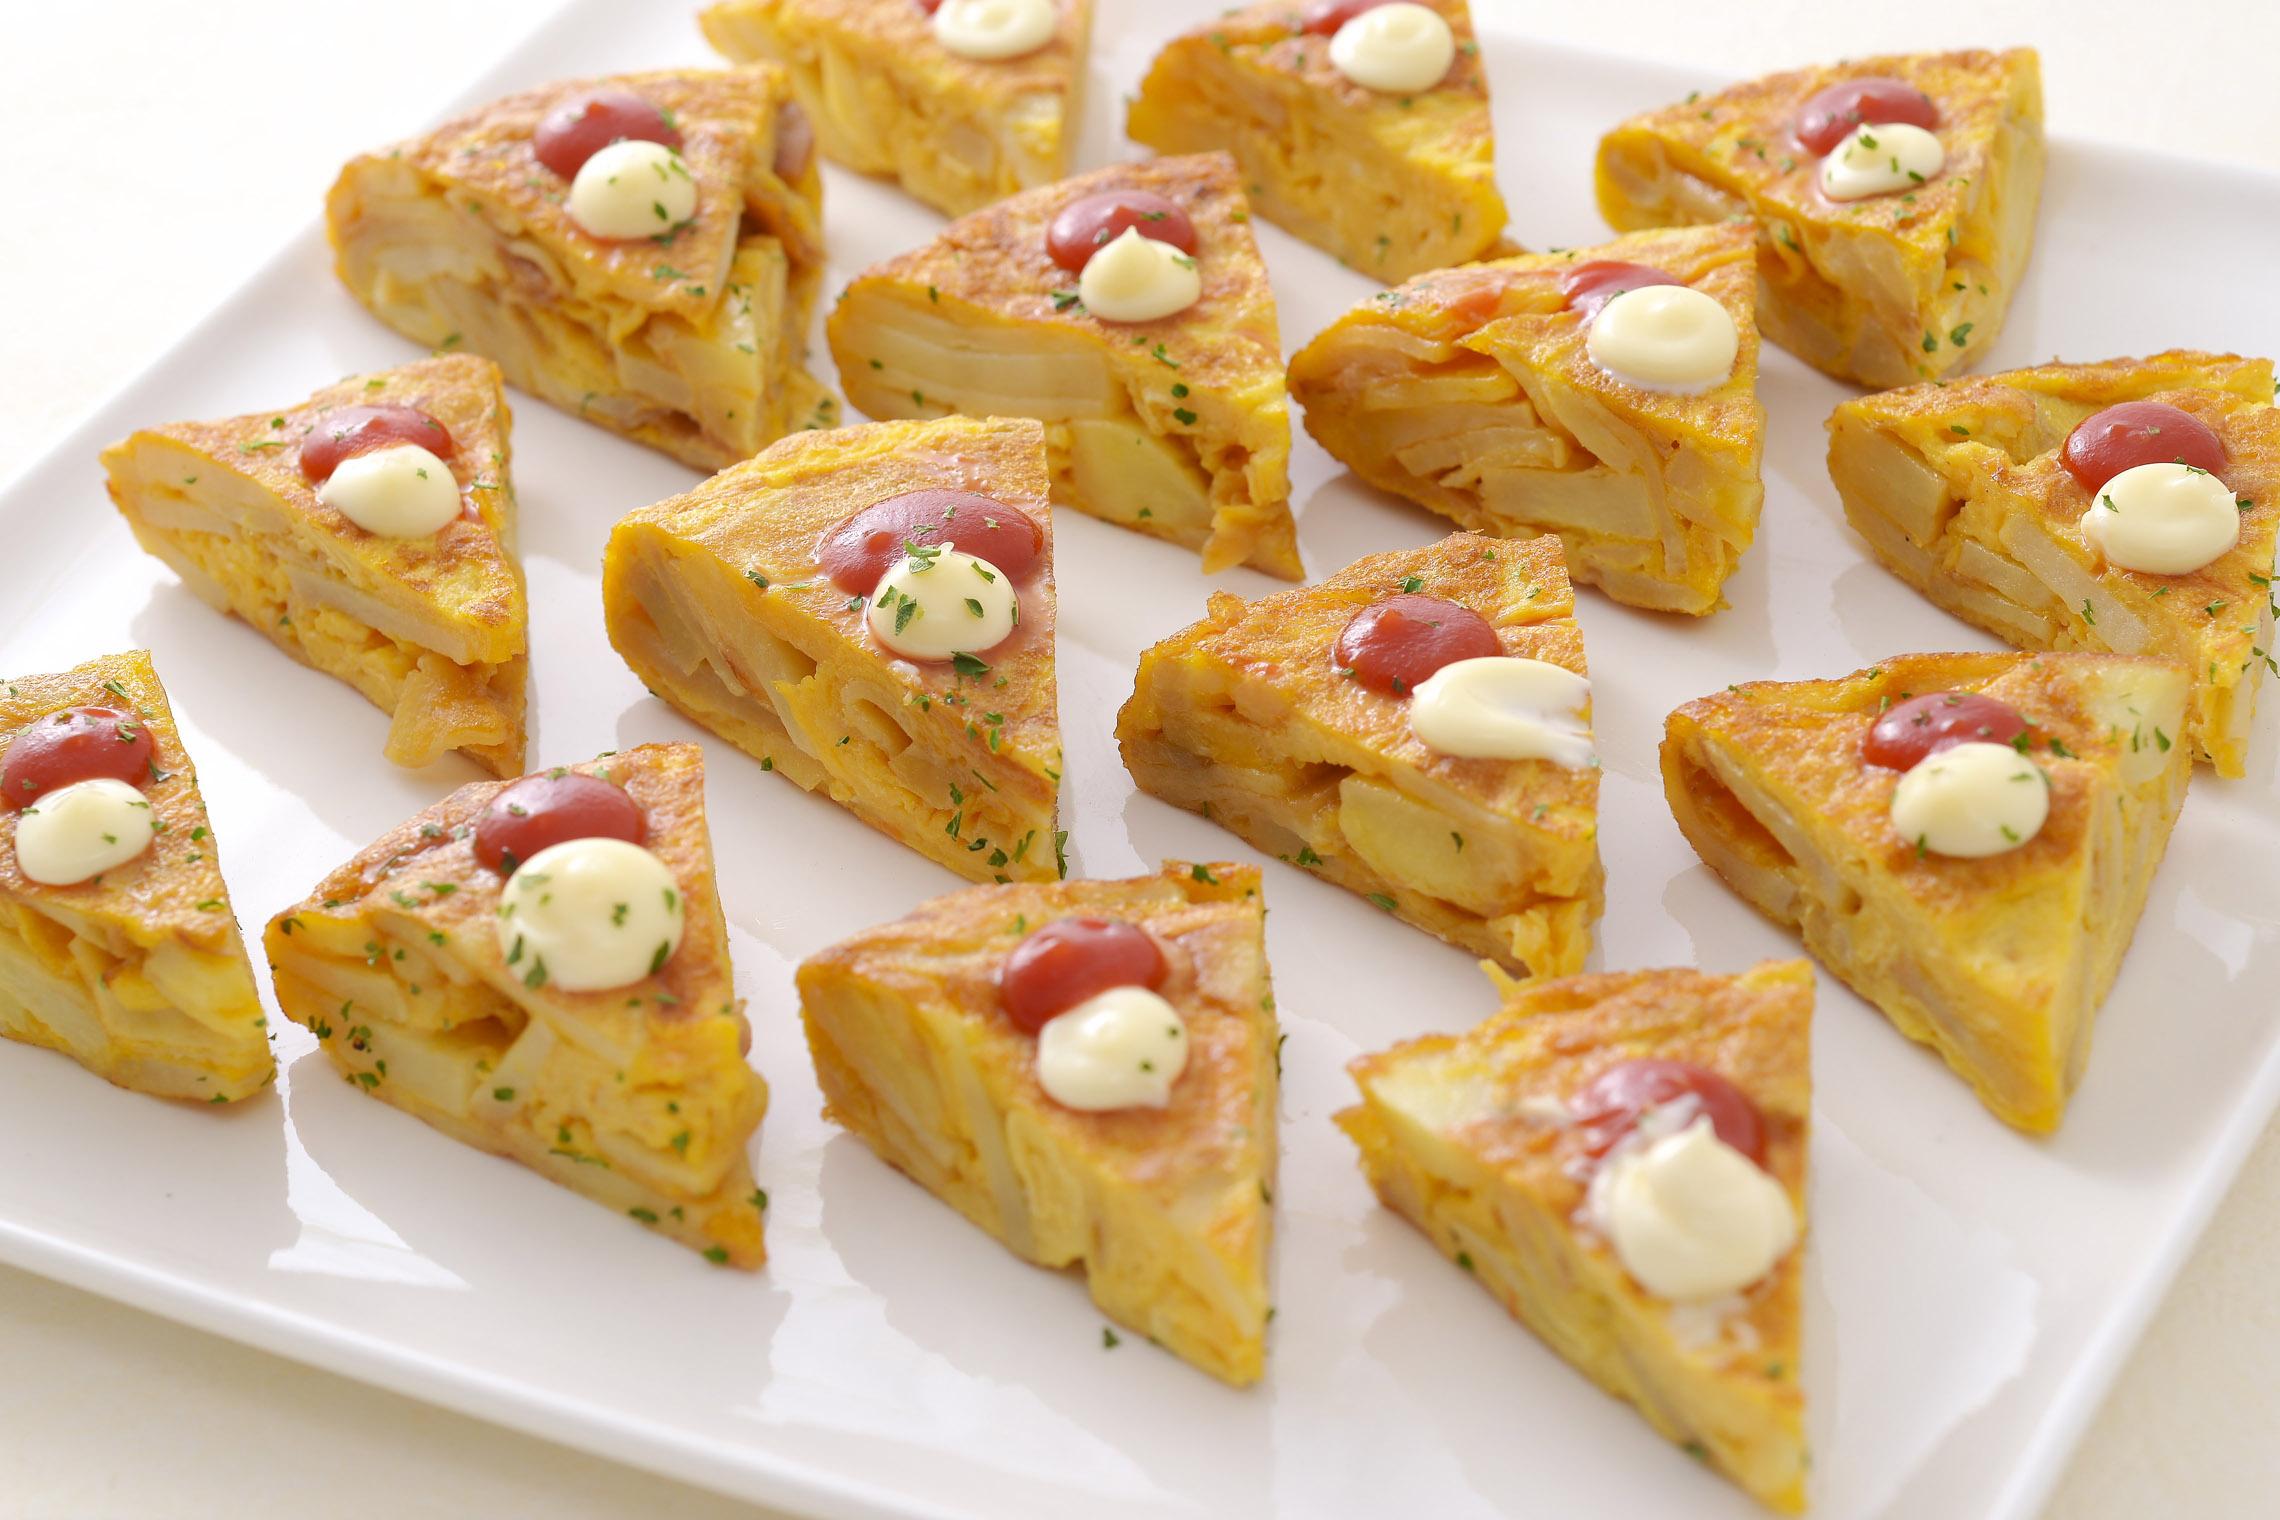 <p>スペイン料理の定番のオムレツ!シンプルにじゃがいもと塩のみで味付け。アリオリ(ニンニクマヨネーズ)と相性抜群に仕上げています。</p>